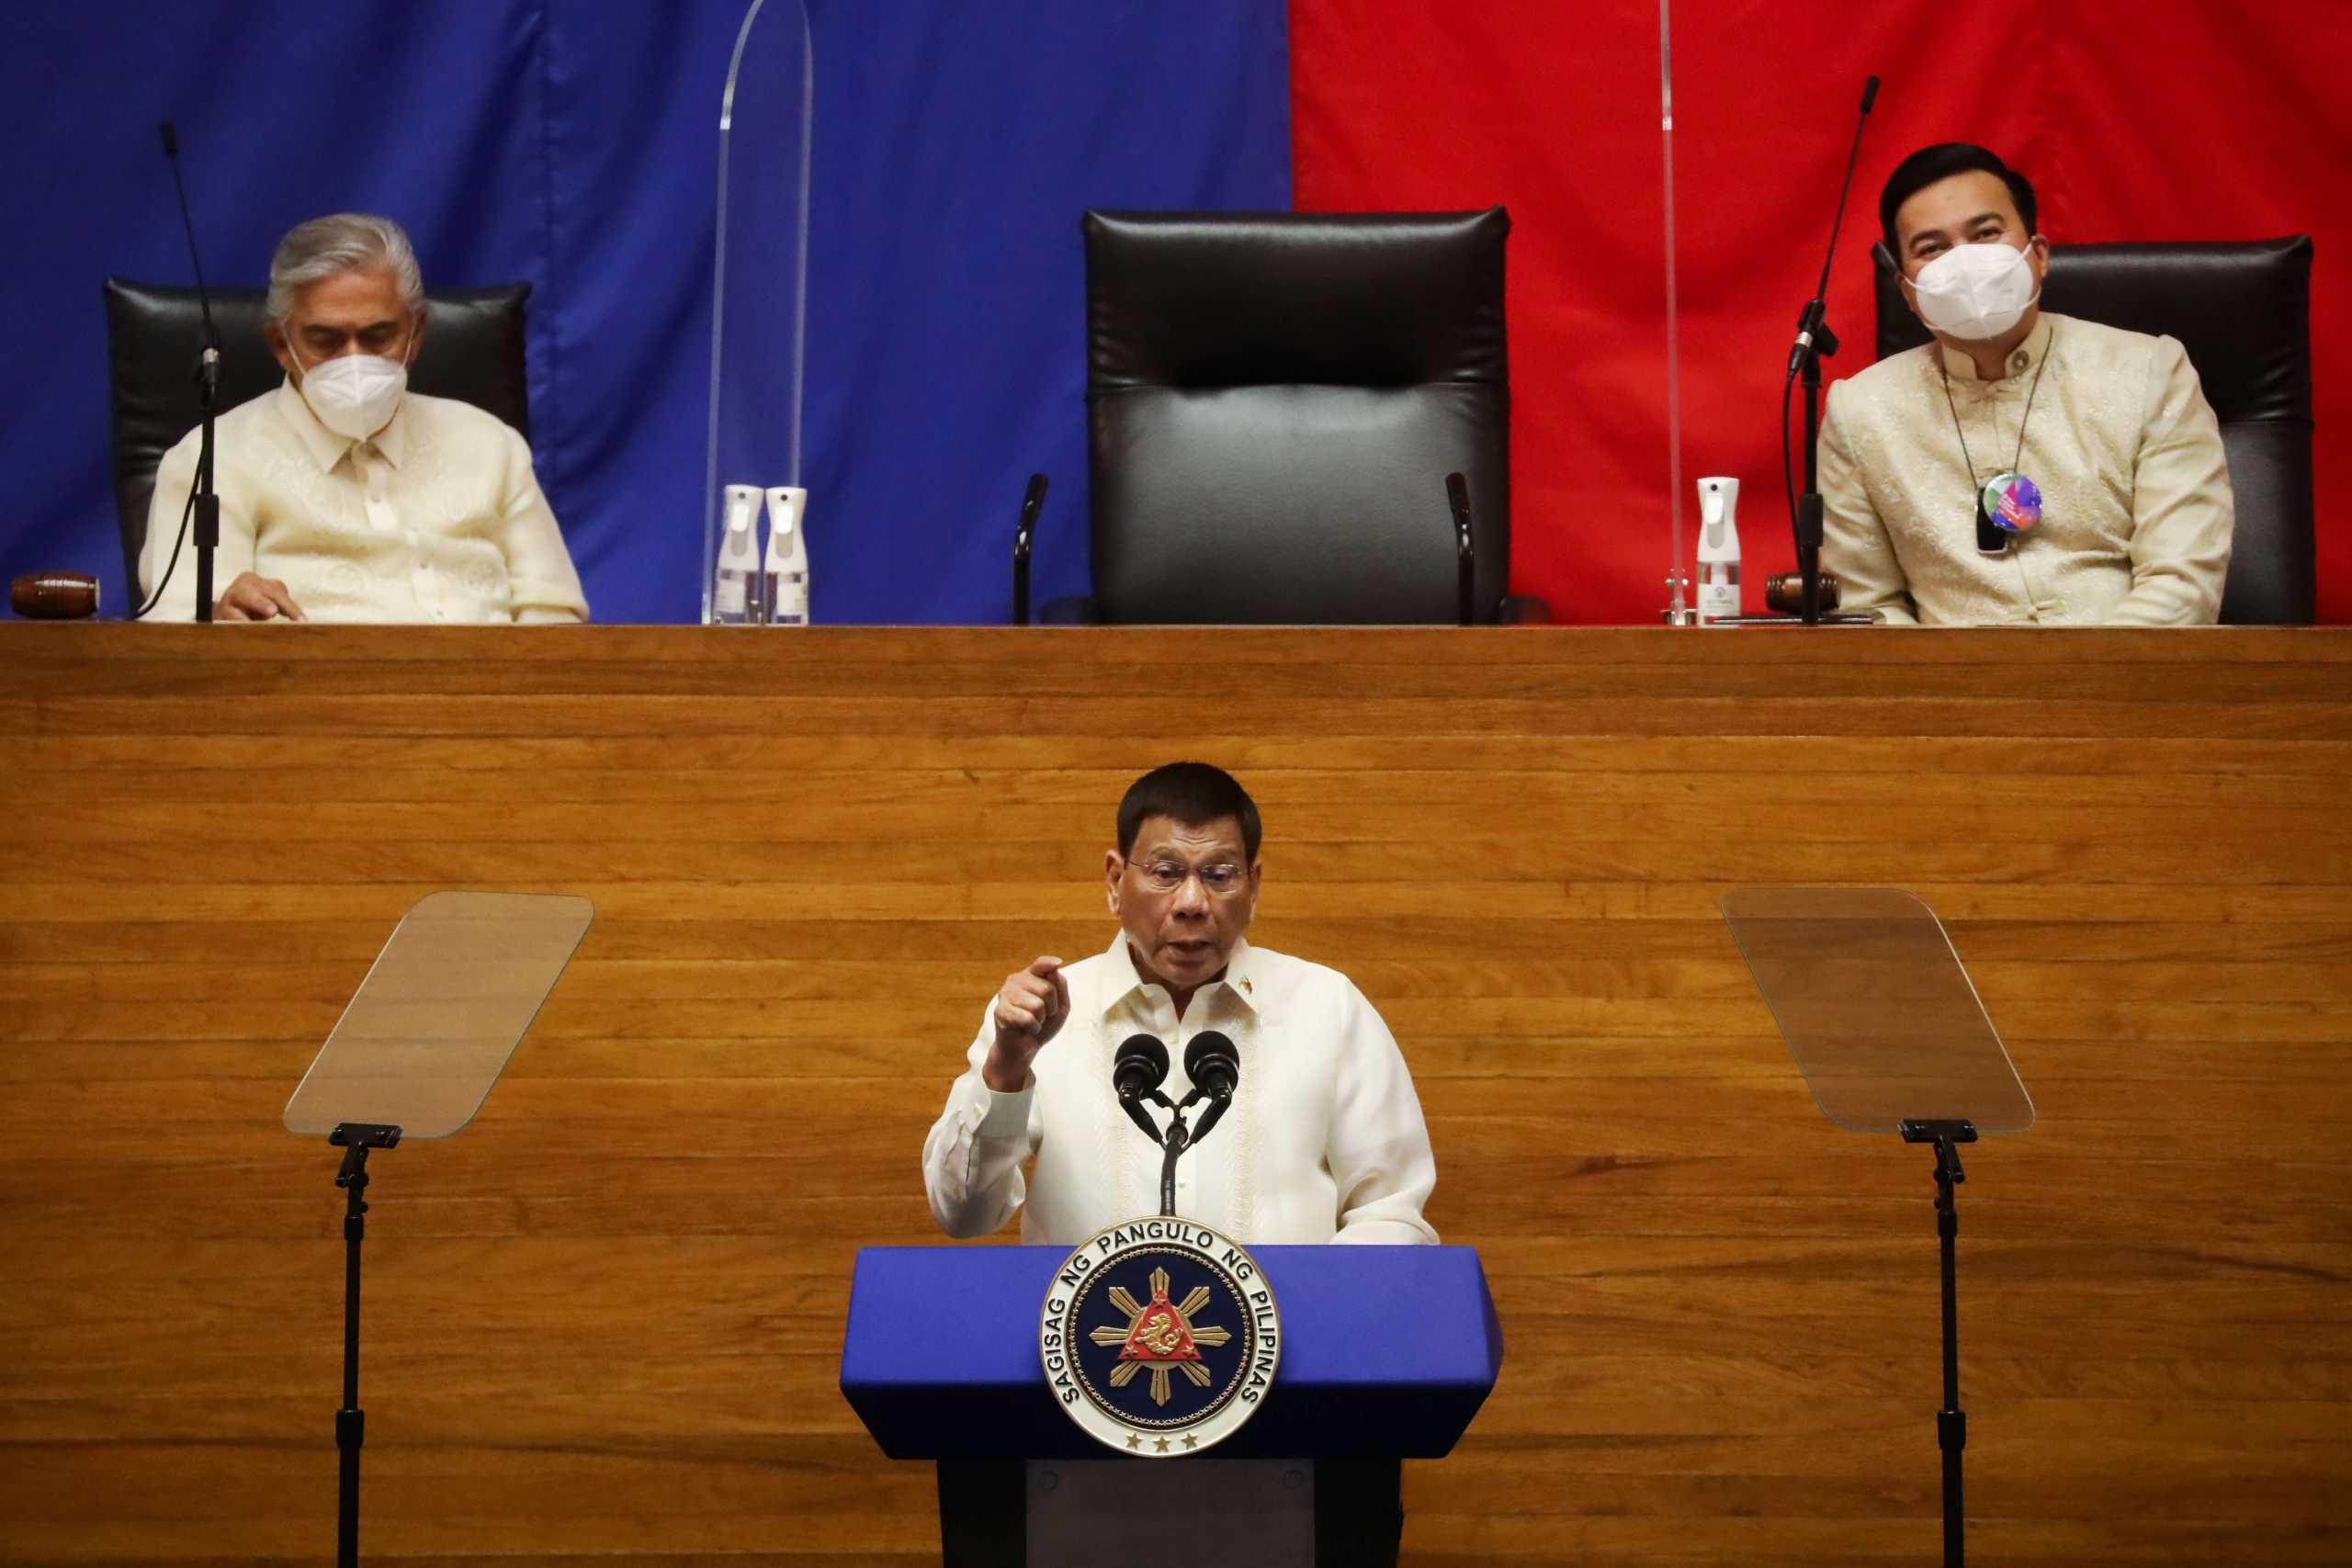 Φιλιππίνες: Ο Ροντρίγκο Ντουτέρτε «κατεβαίνει» για την αντιπροεδρία με την αντιπολίτευση να «βλέπει» τεχνάσματα